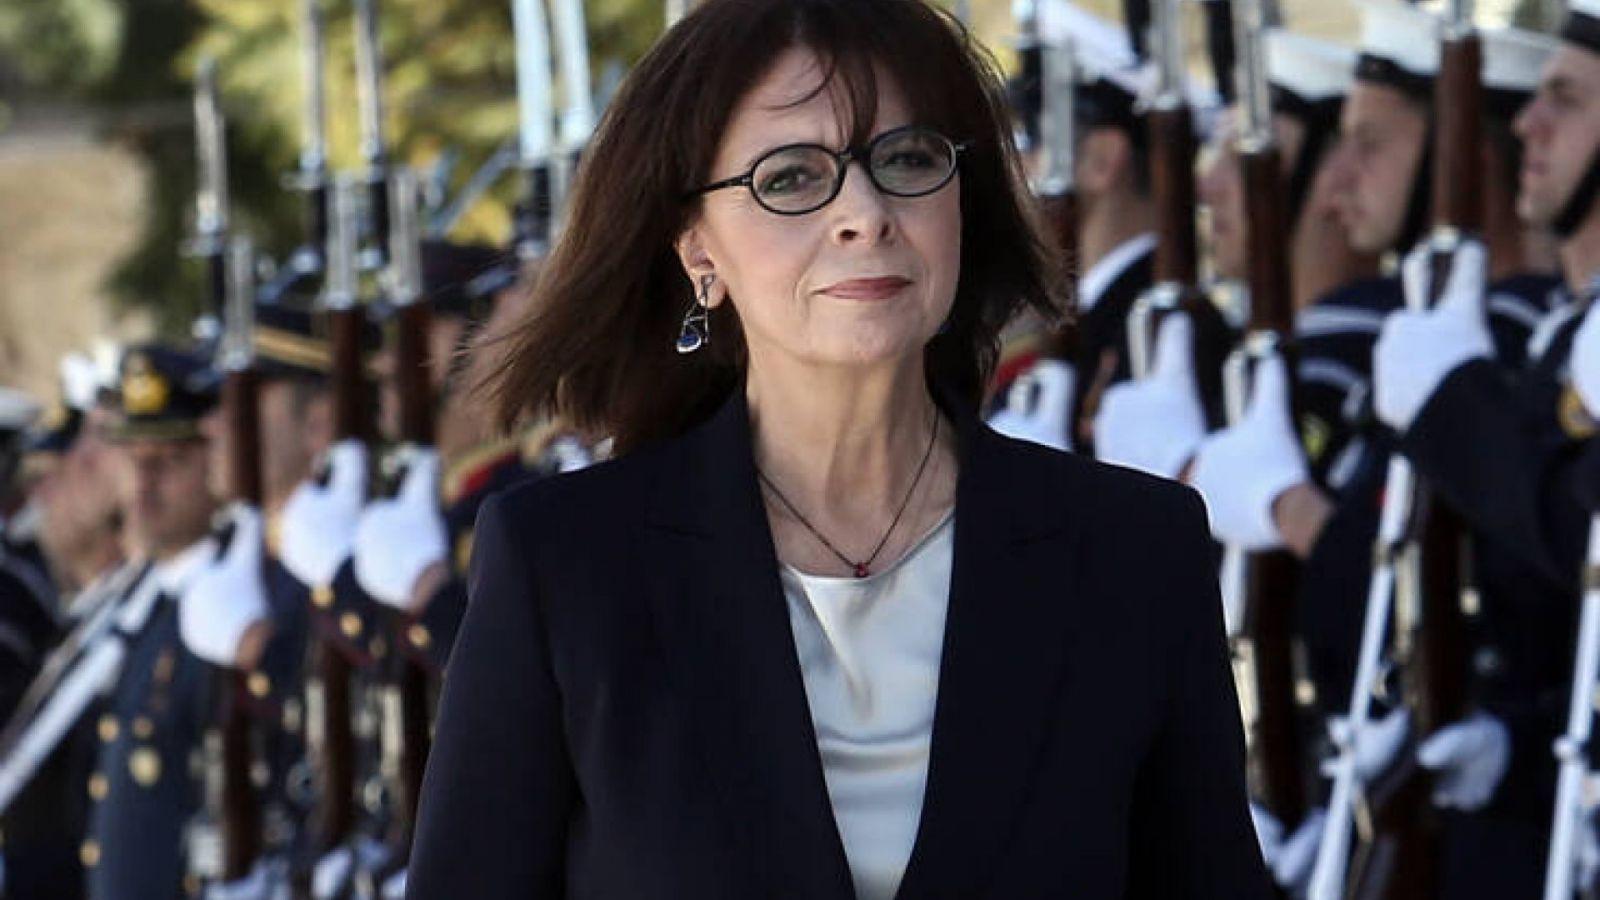 Κατερίνα Σακελλαροπούλου: Η συγκινητική υποδοχή που της επιφύλαξαν οι κάτοικοι του τόπου καταγωγής της [pics]